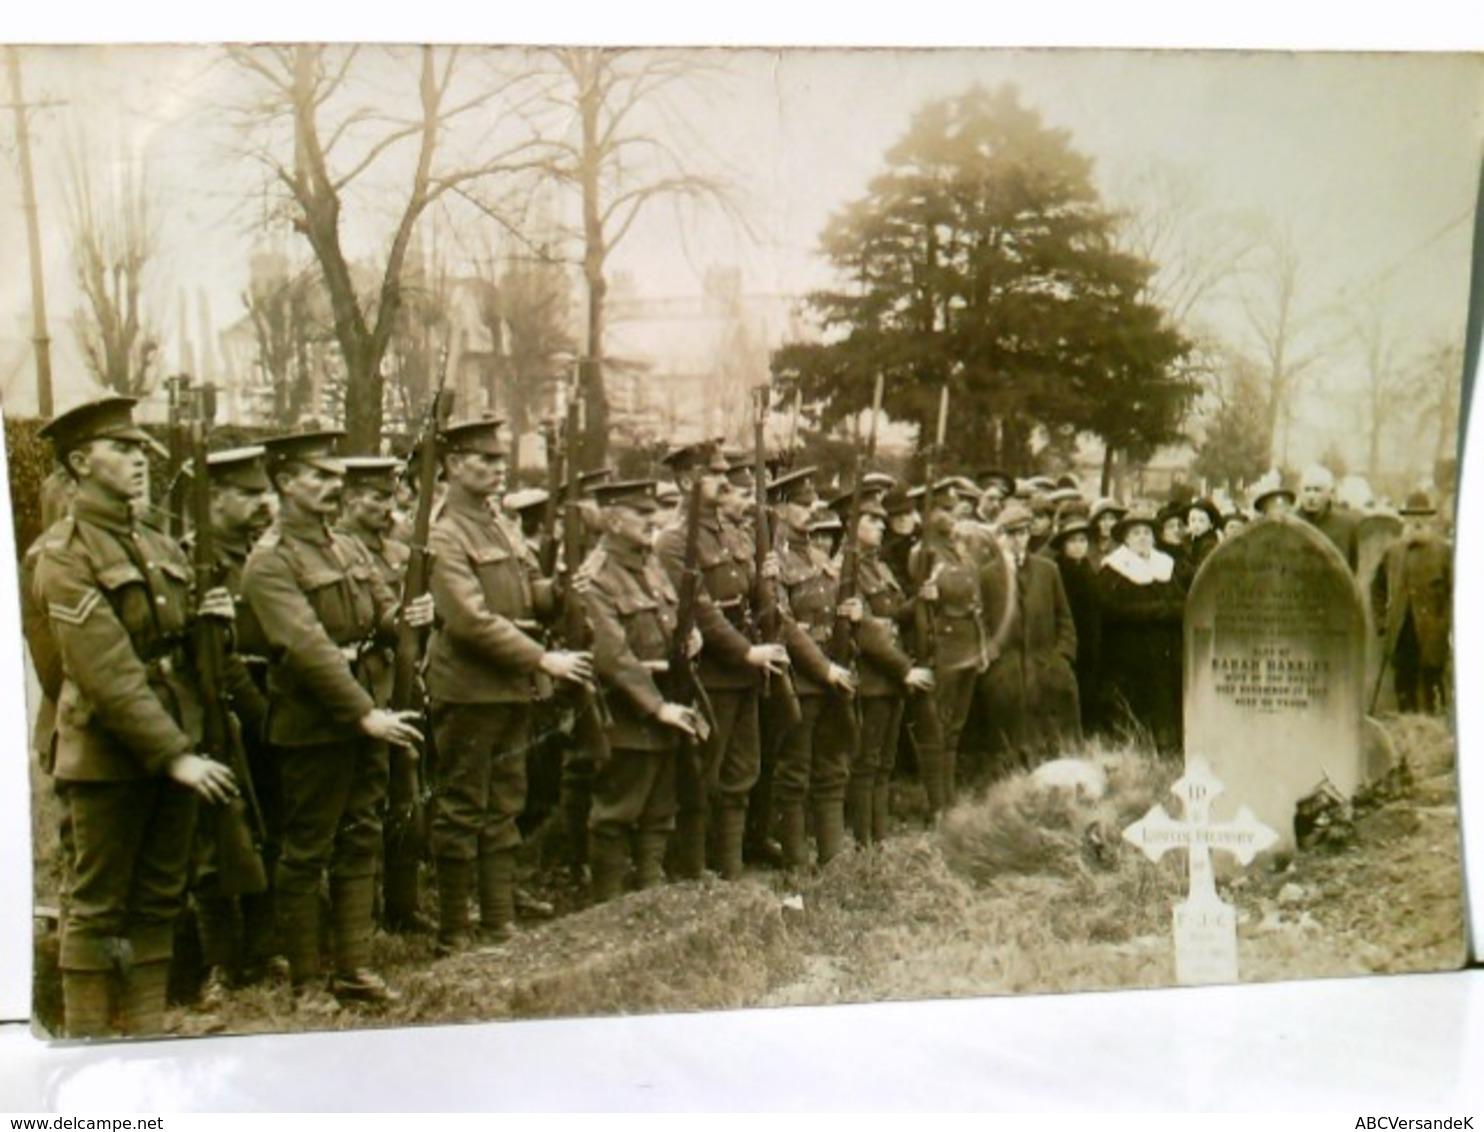 Beerdigung Eines Soldaten ( Wahrscheinlich In England ). Alte Foto AK S/w, Ca. 1918. Aufstellung Von Soldaten - Militaria